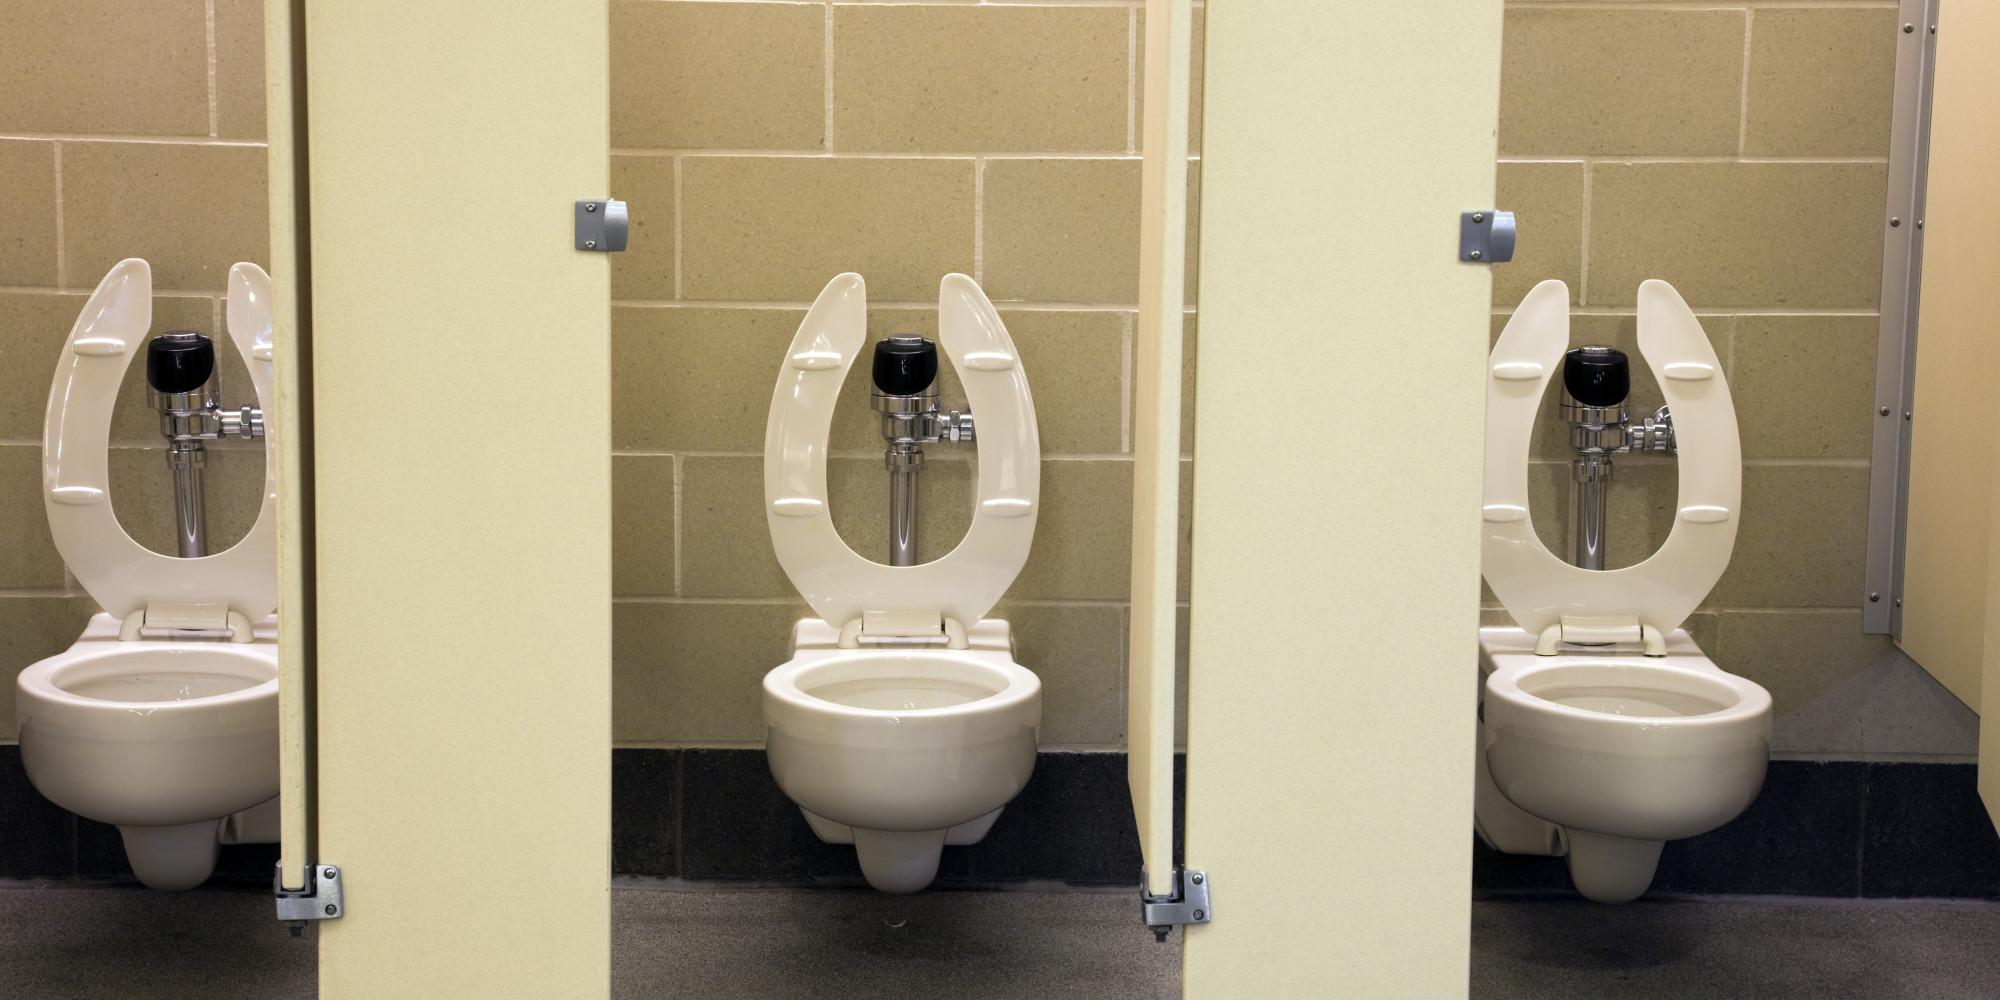 Скрытый фото в женском унитазе 6 фотография